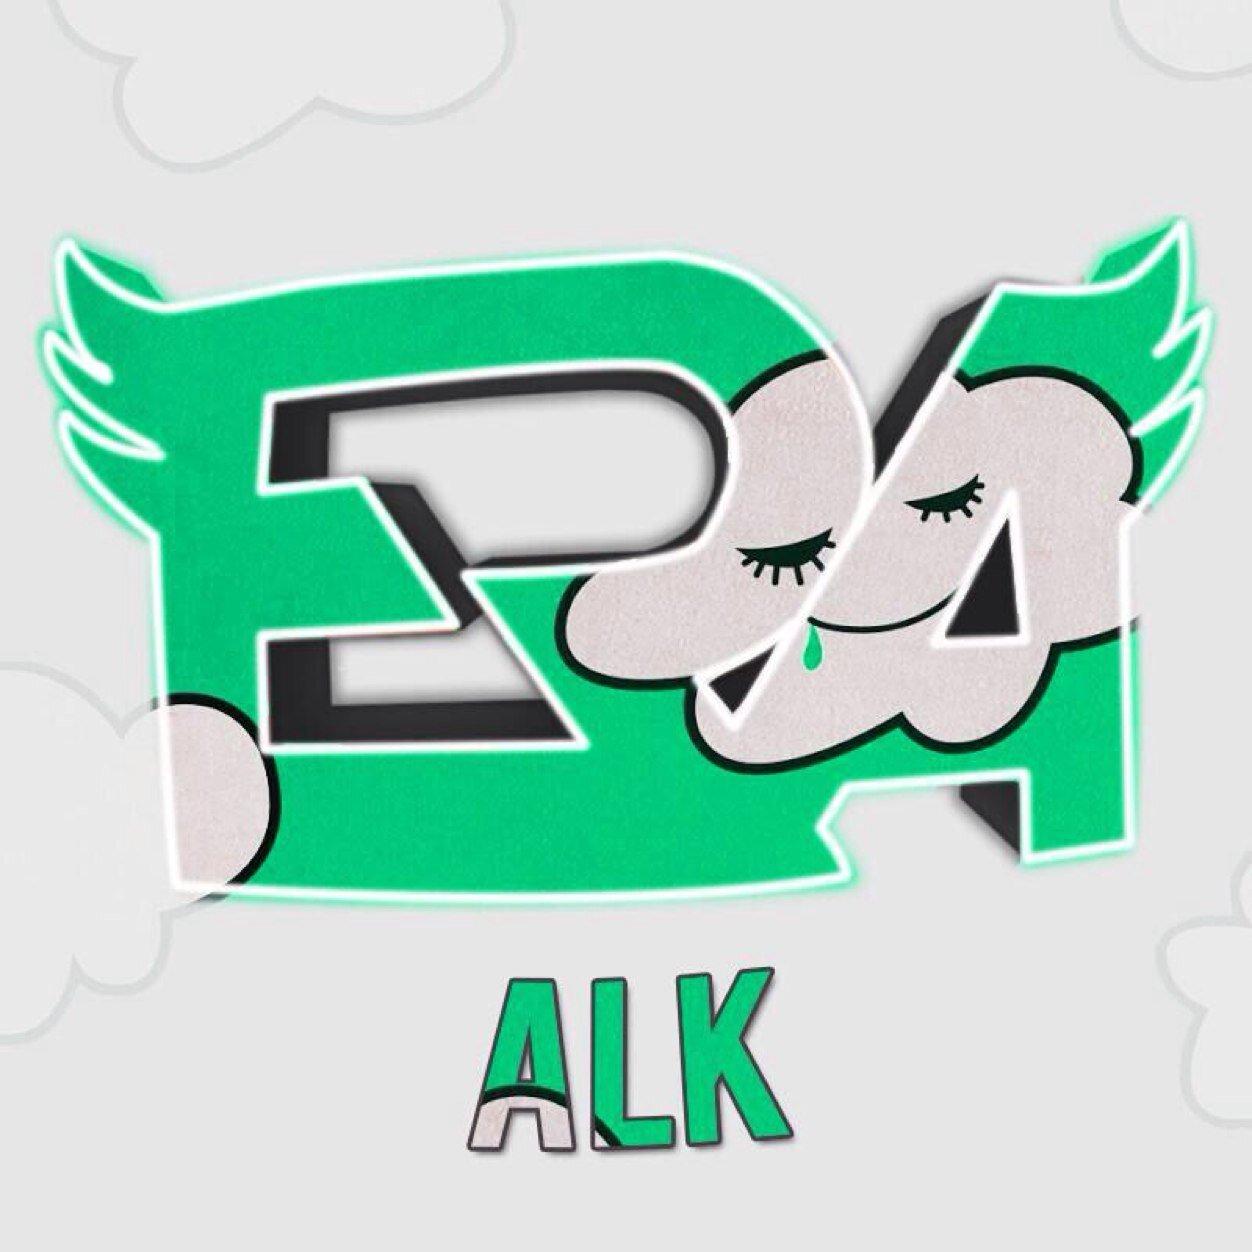 Qack (@ALKBruh) | Twitter